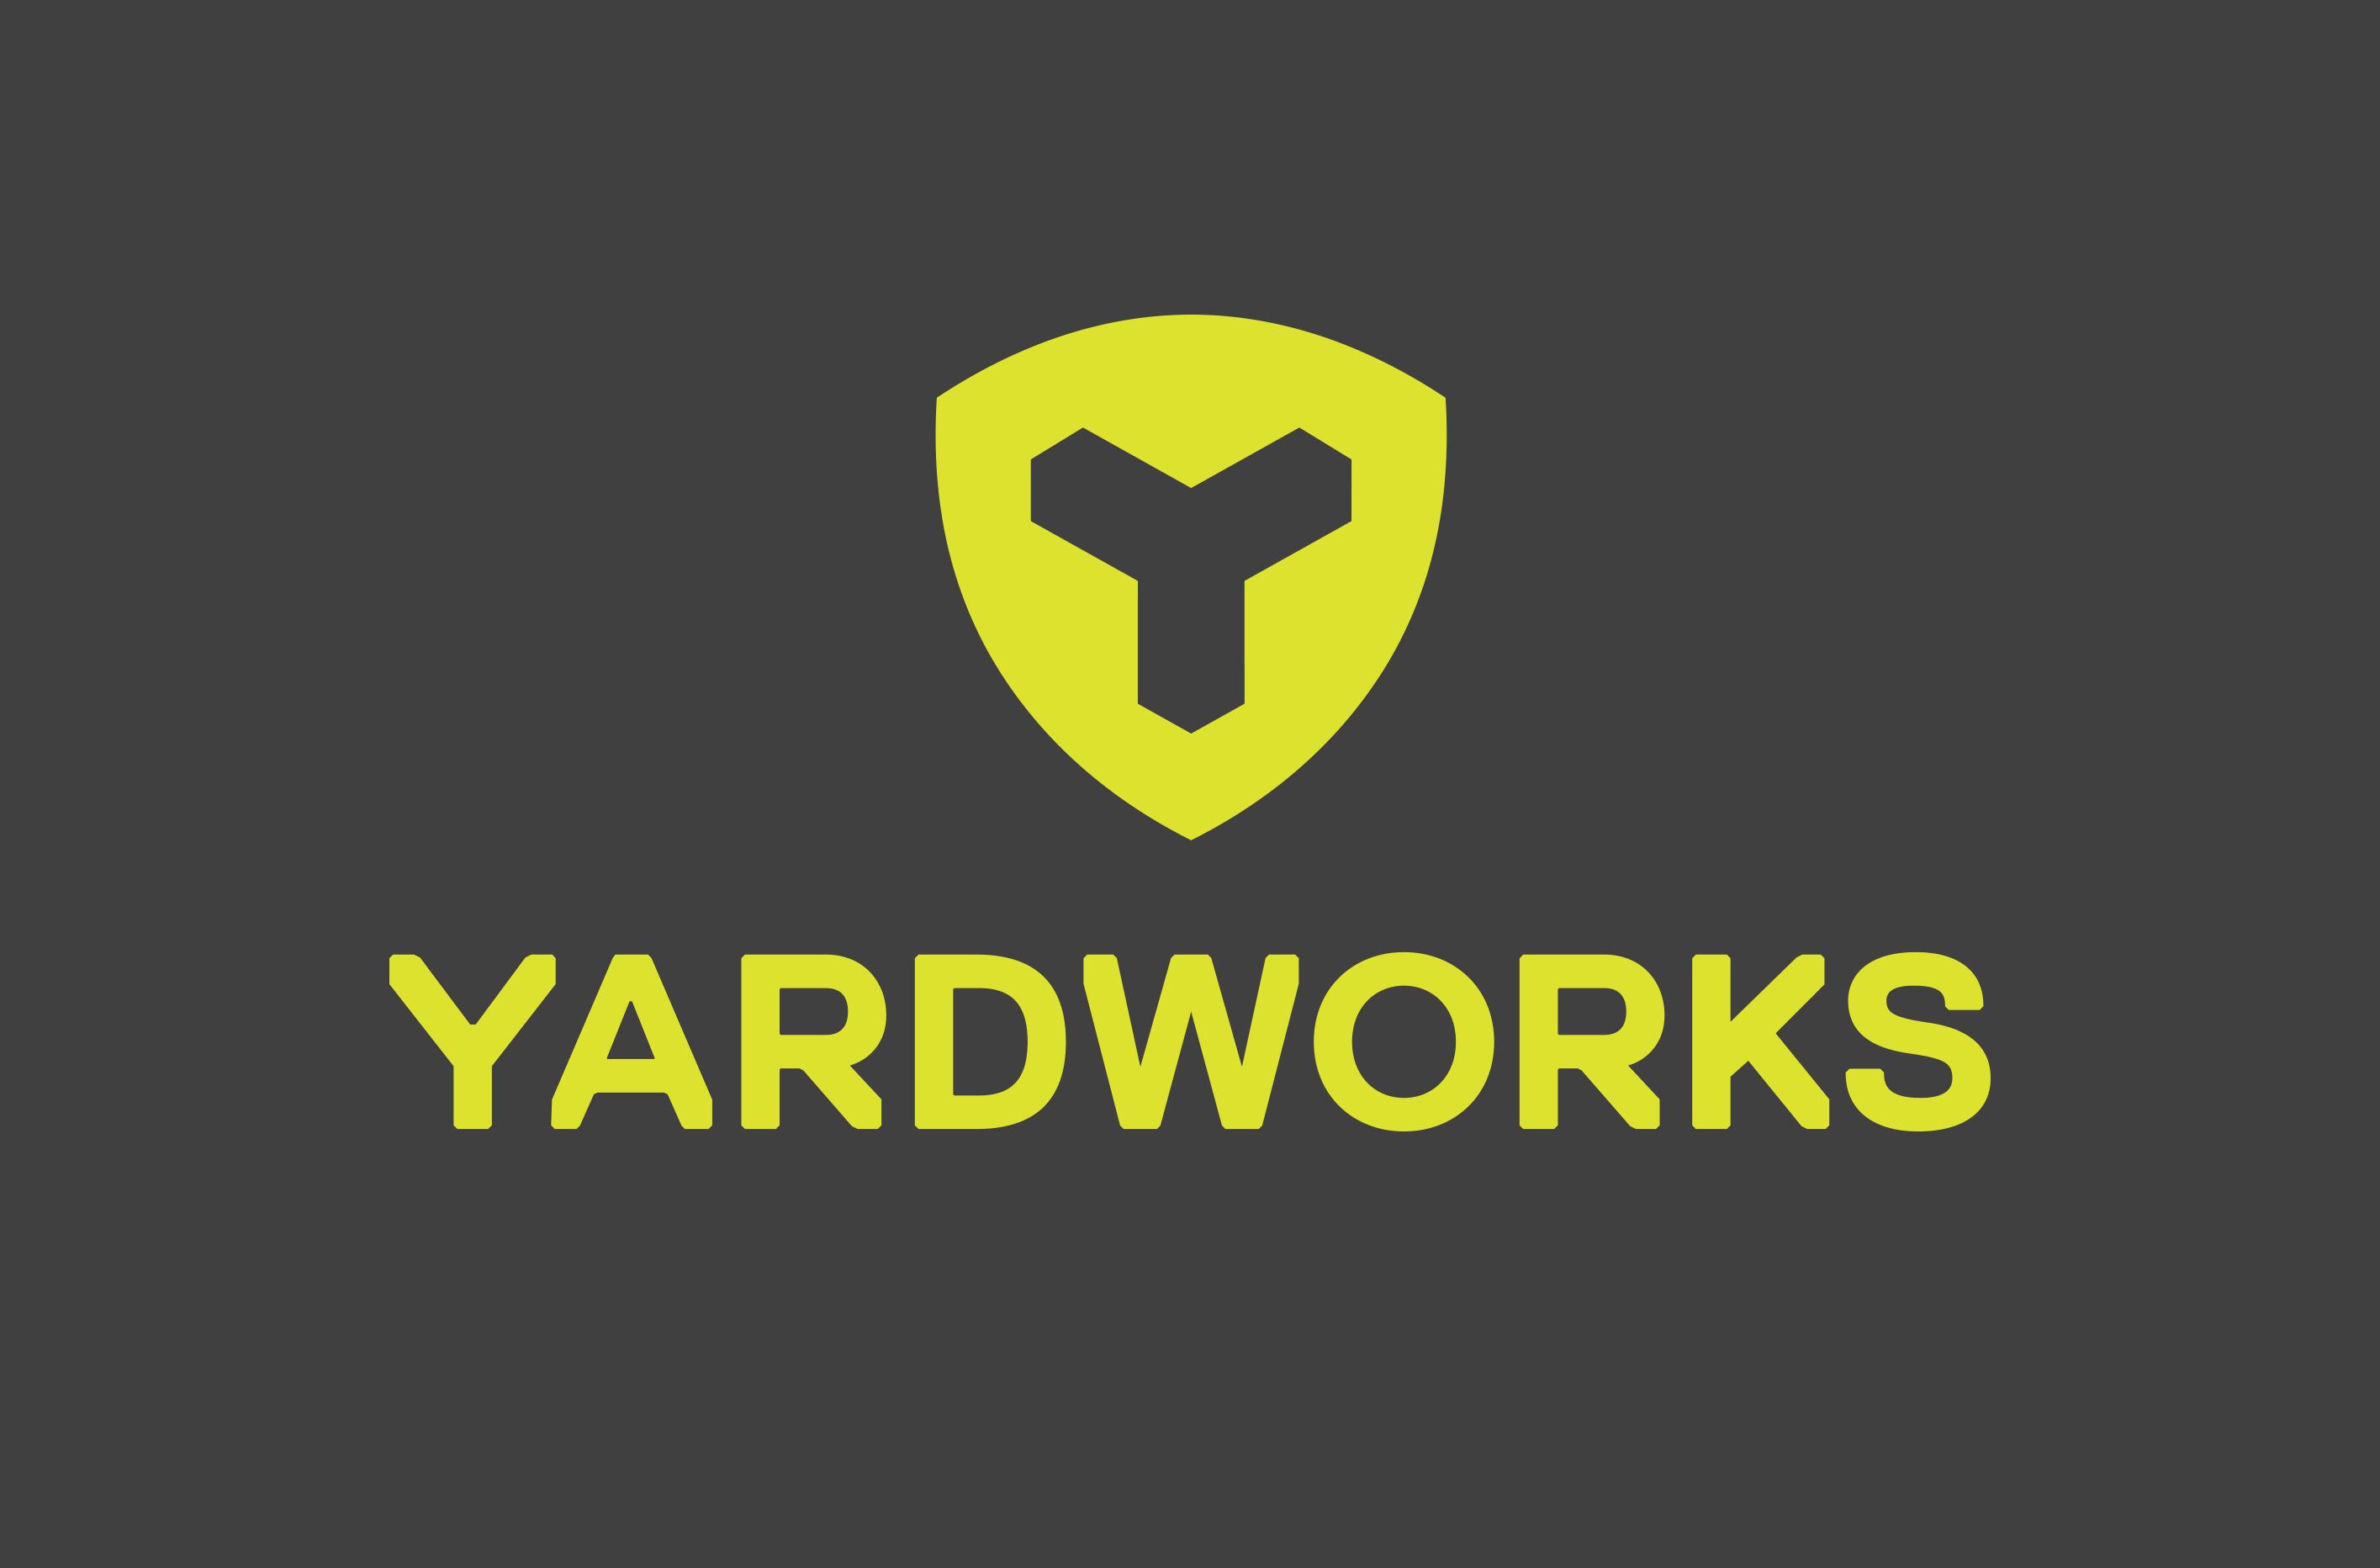 Yardworks wordmark